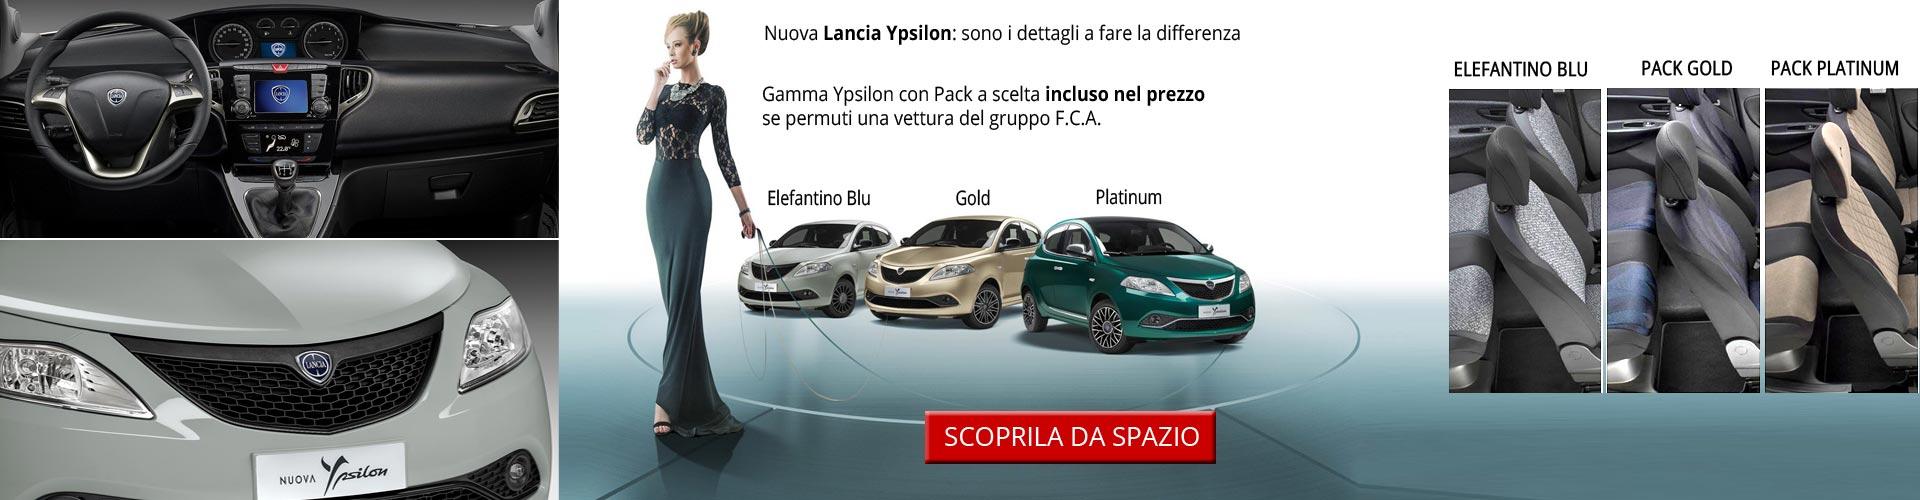 Lancia Ypsilon con Pack incluso